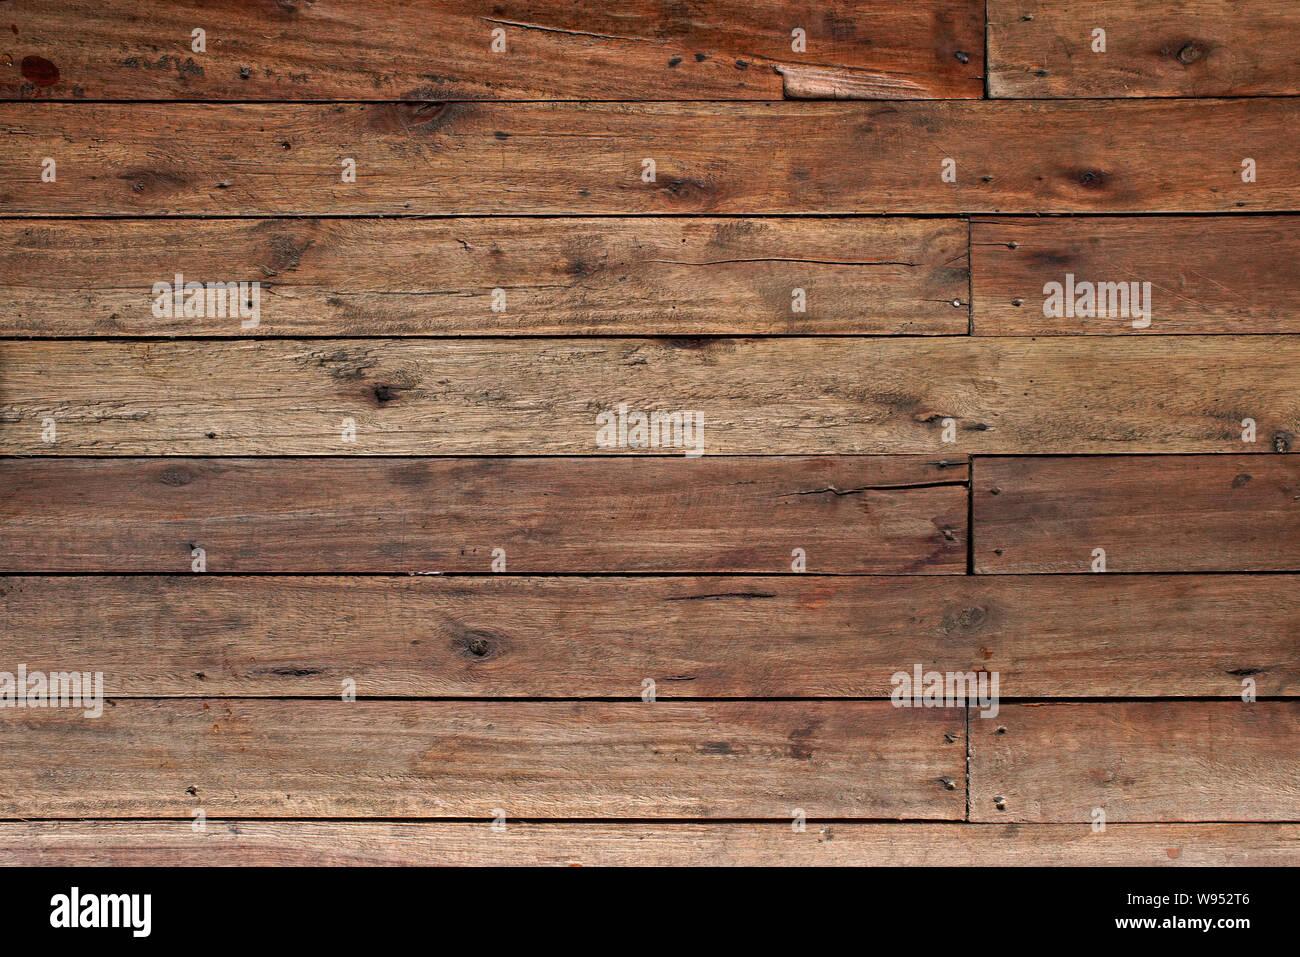 Holz Fliesen auf alten Holzboden mit Nägeln Stockfoto, Bild ...